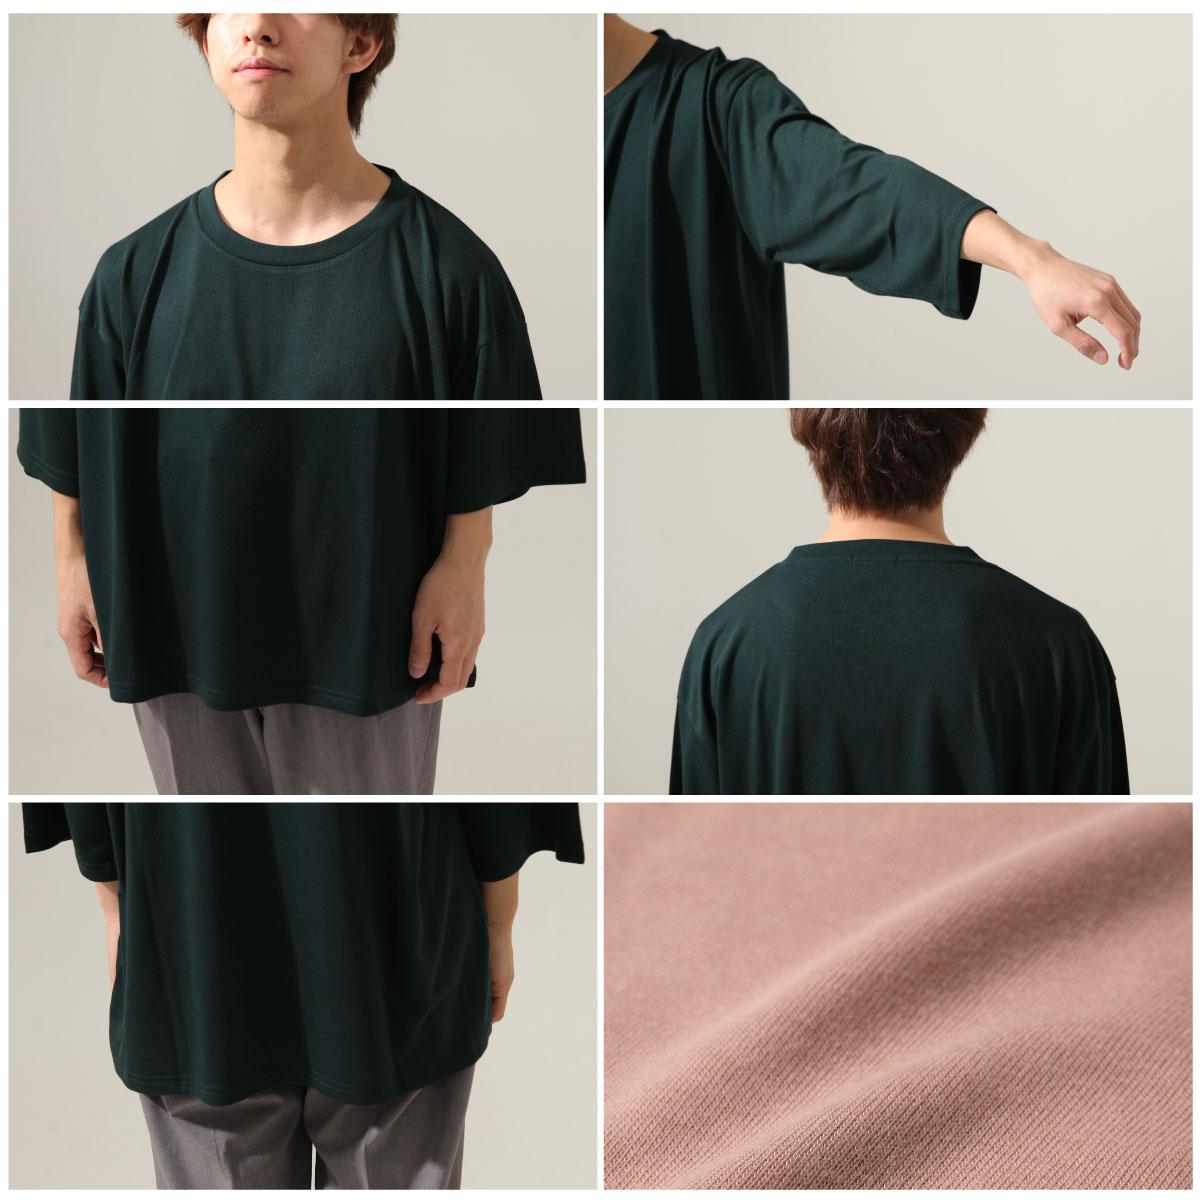 【New】ZIP 七分袖T恤 寬版 5